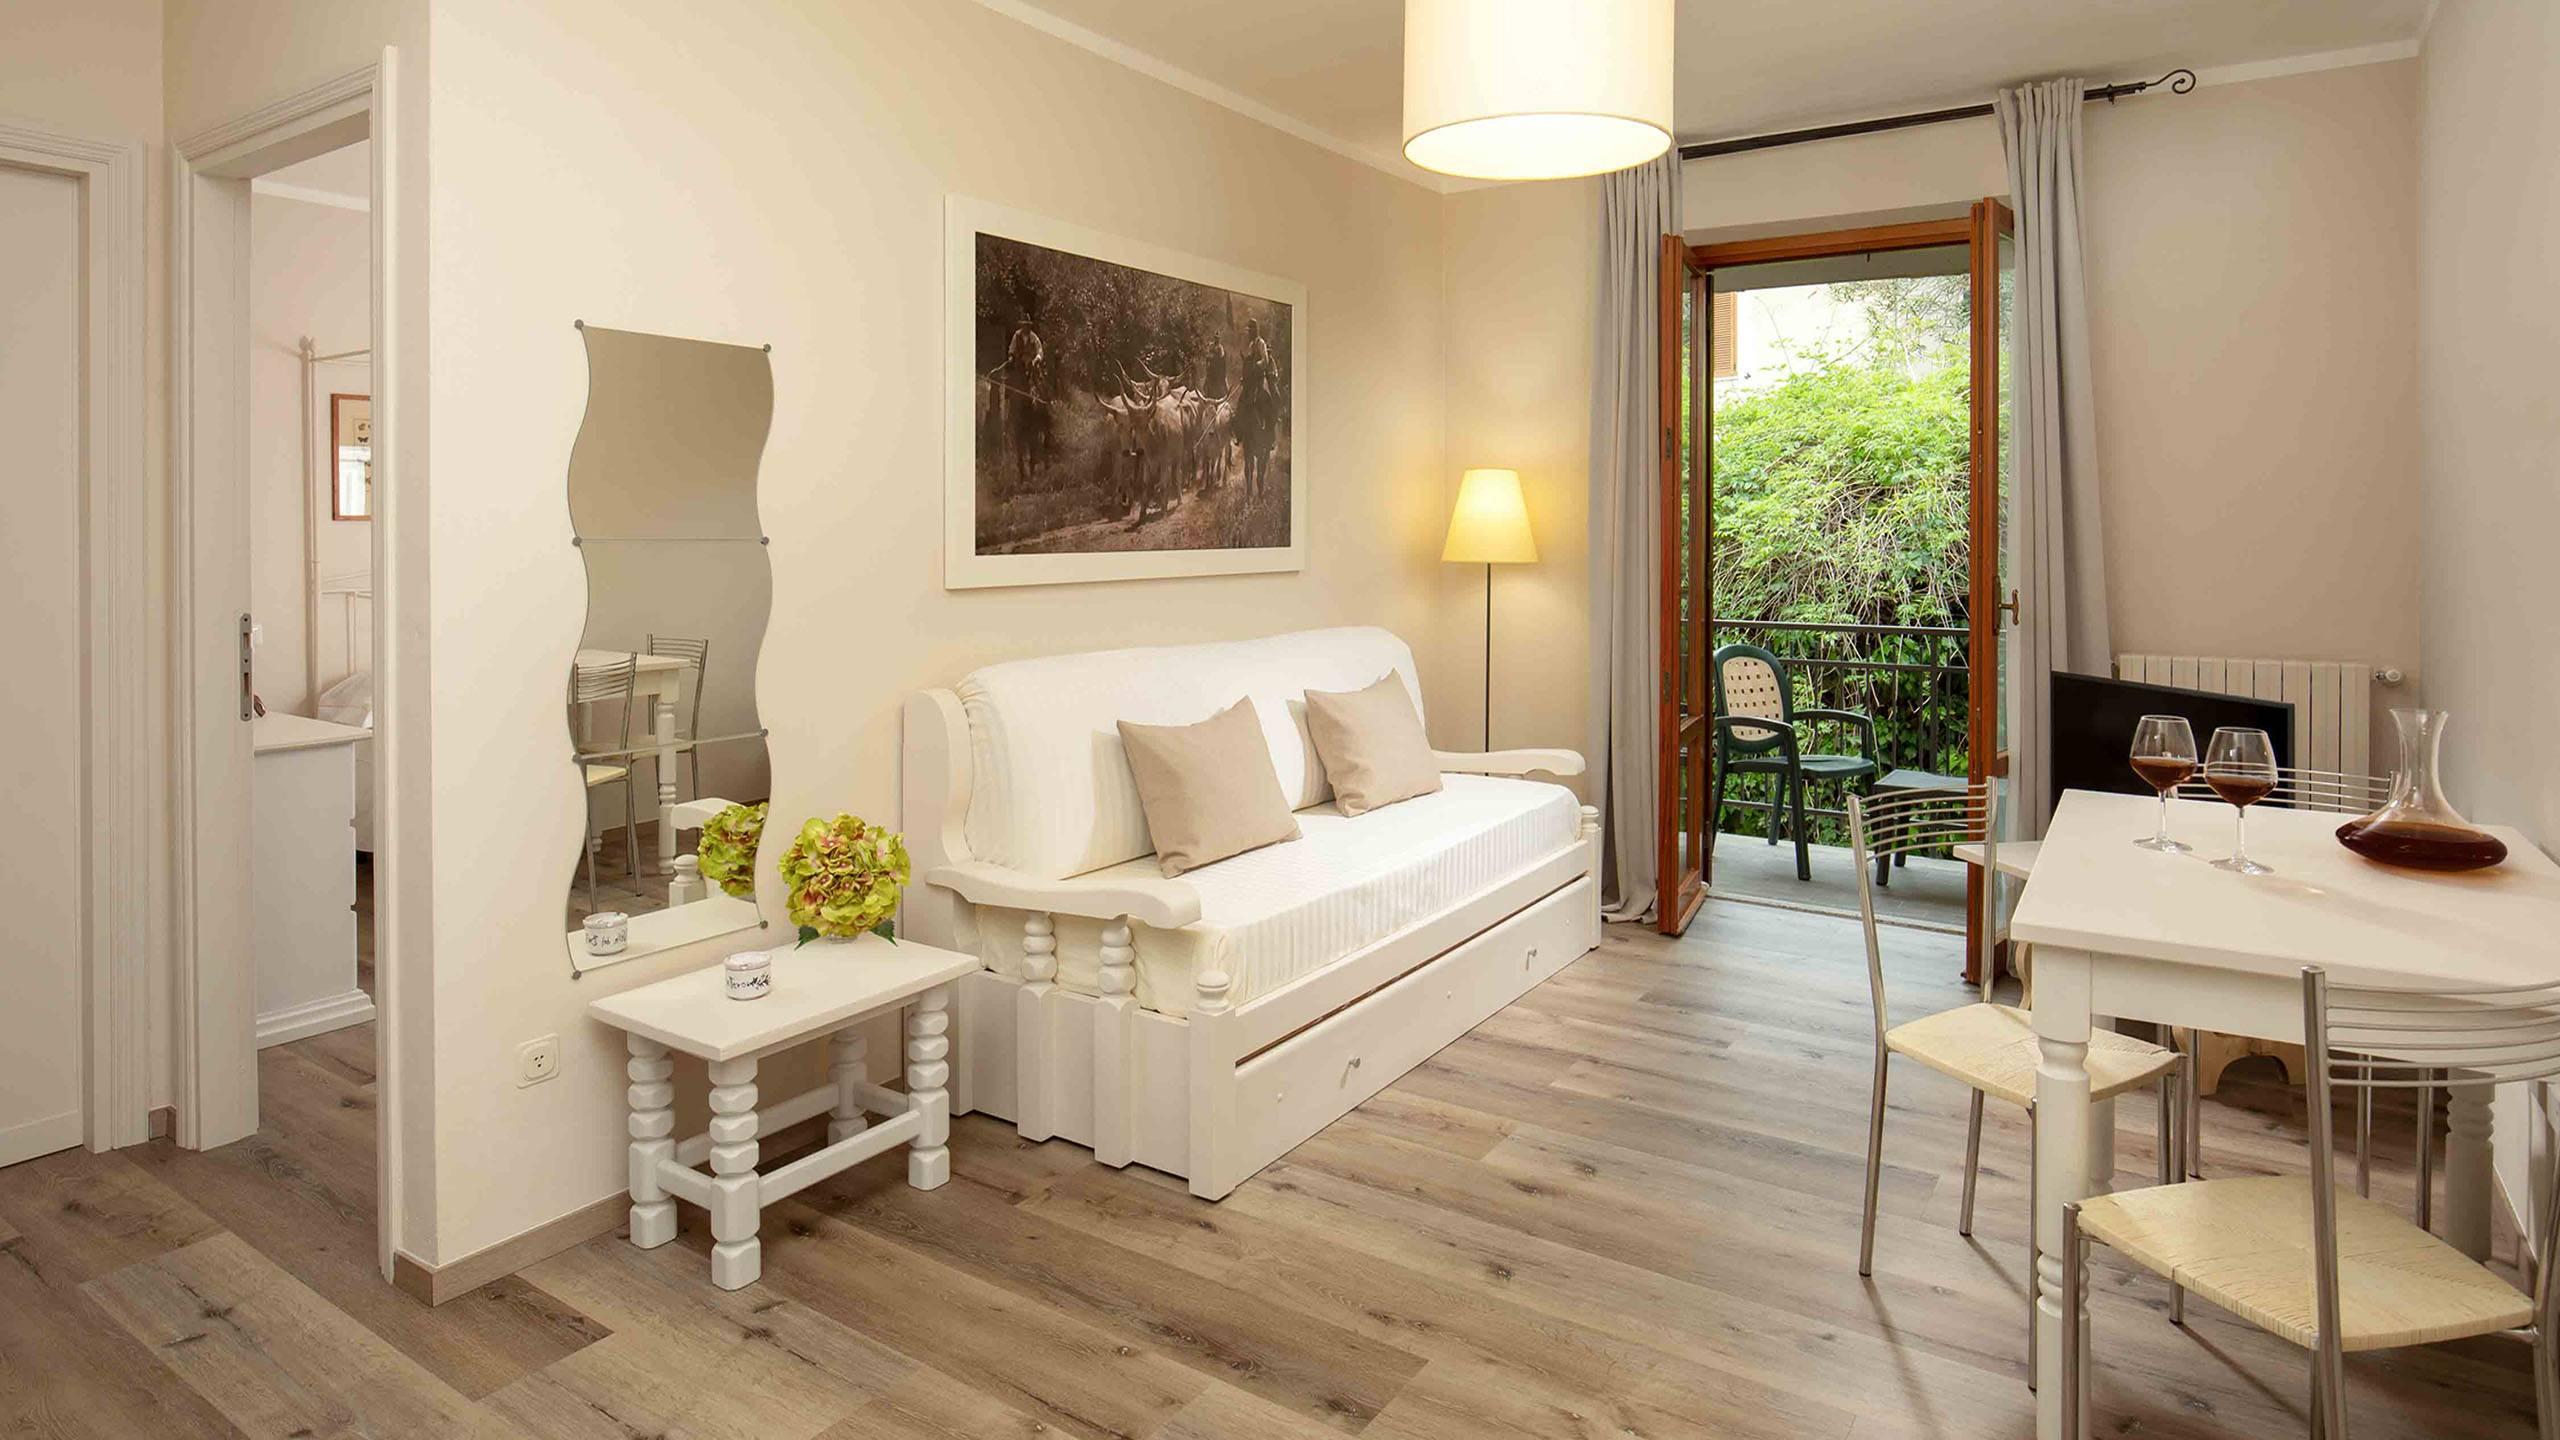 Hotel-Residence-Valle-del-Buttero-Capalbio-Camere-2021-Superior-Primo-Piano-soggiorno-2